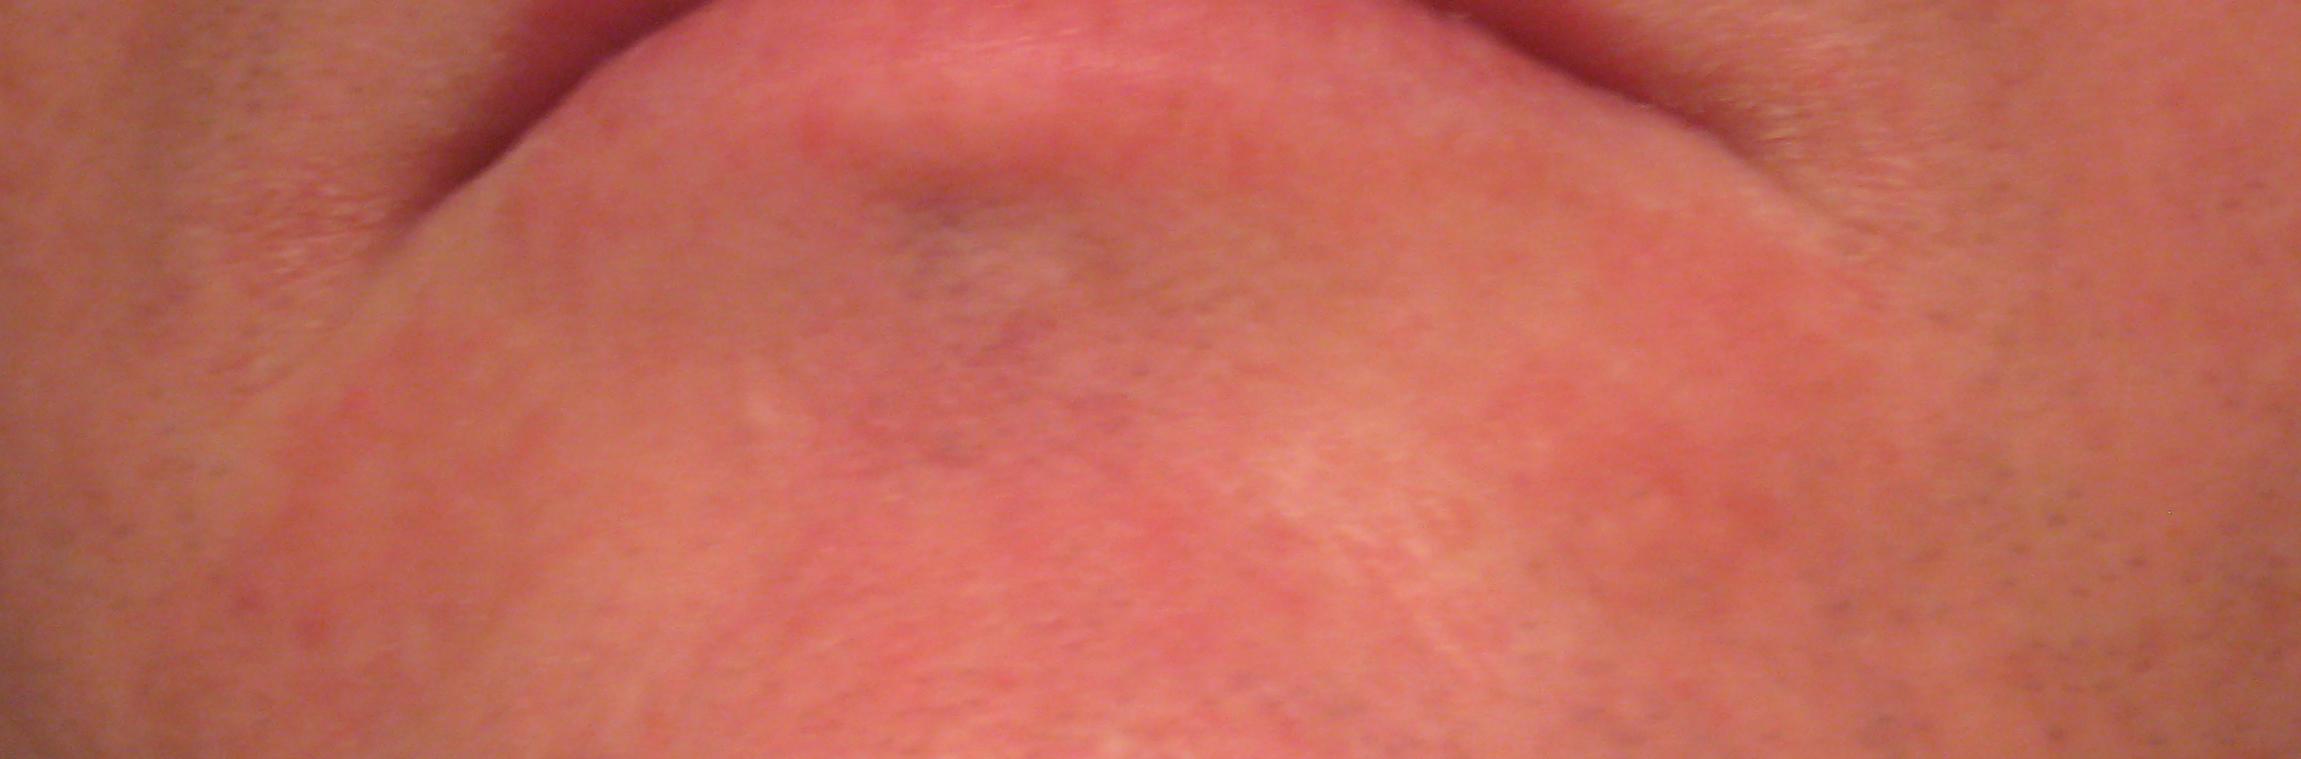 Vaginal Rash From Cipro